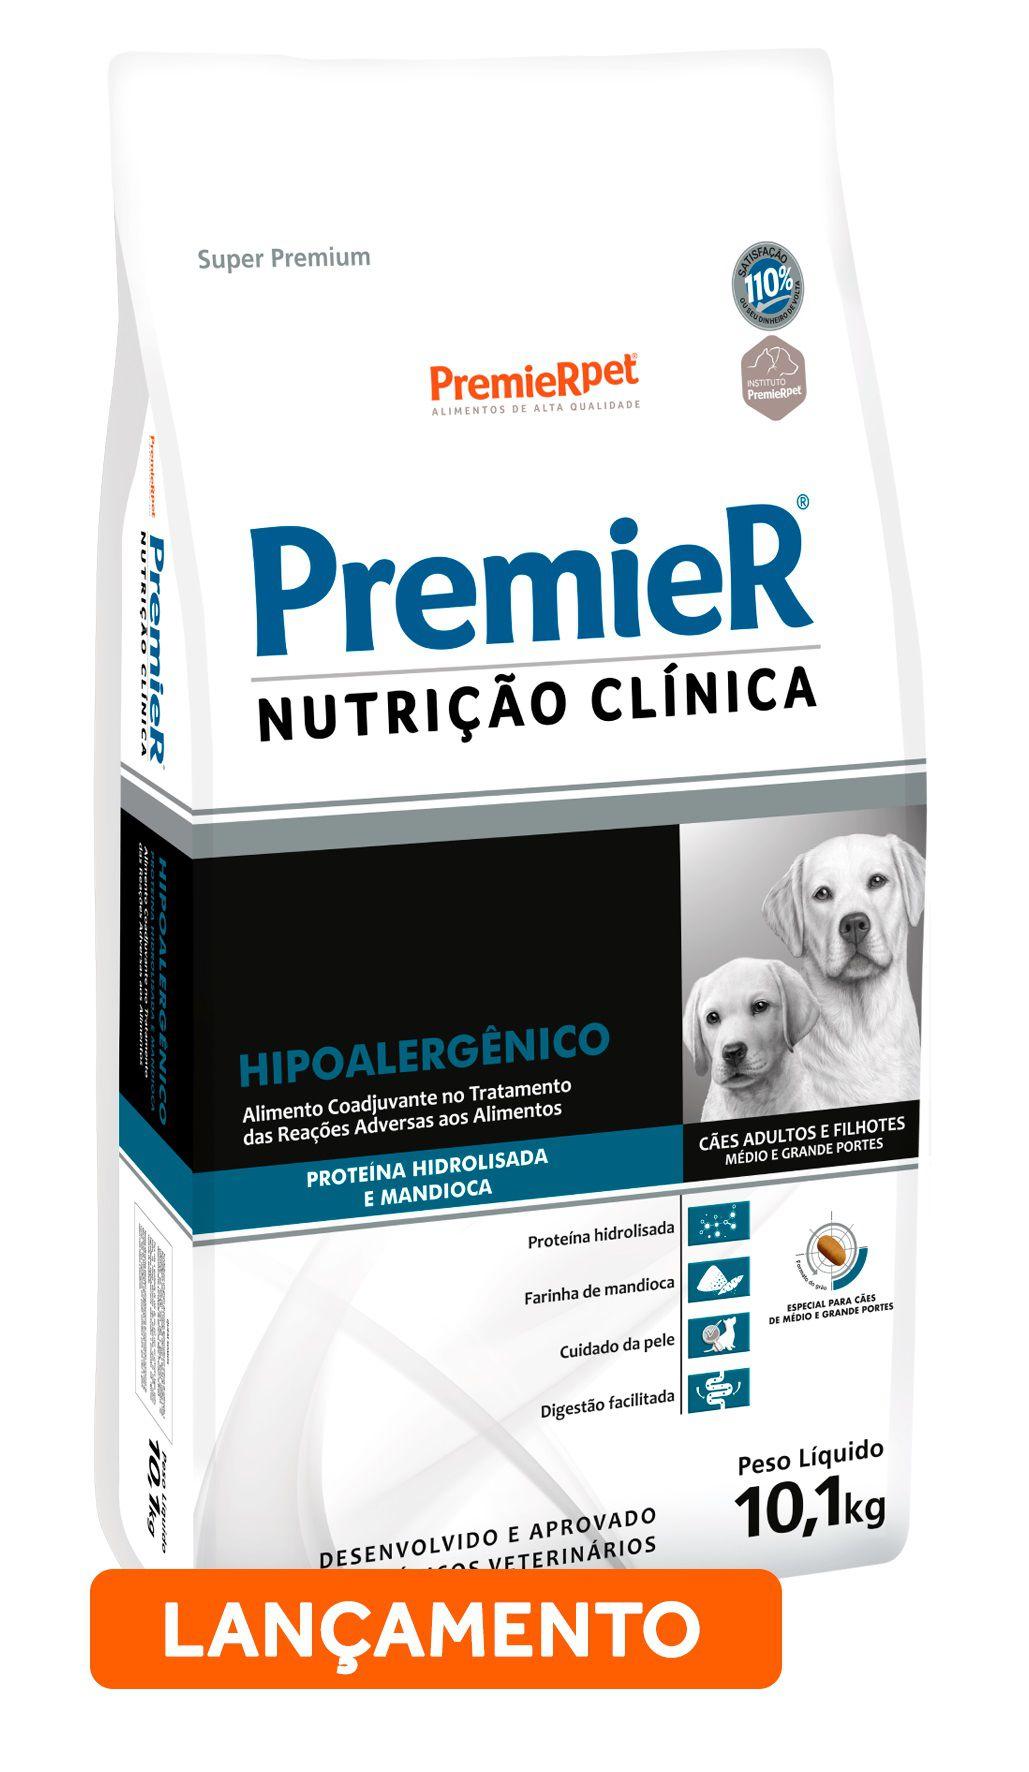 Ração Premier Nutrição Clínica Hipoalergênico para Cães de Médio e Grande Porte com Proteína Hidrolisada e Mandioca 10,1 Kg